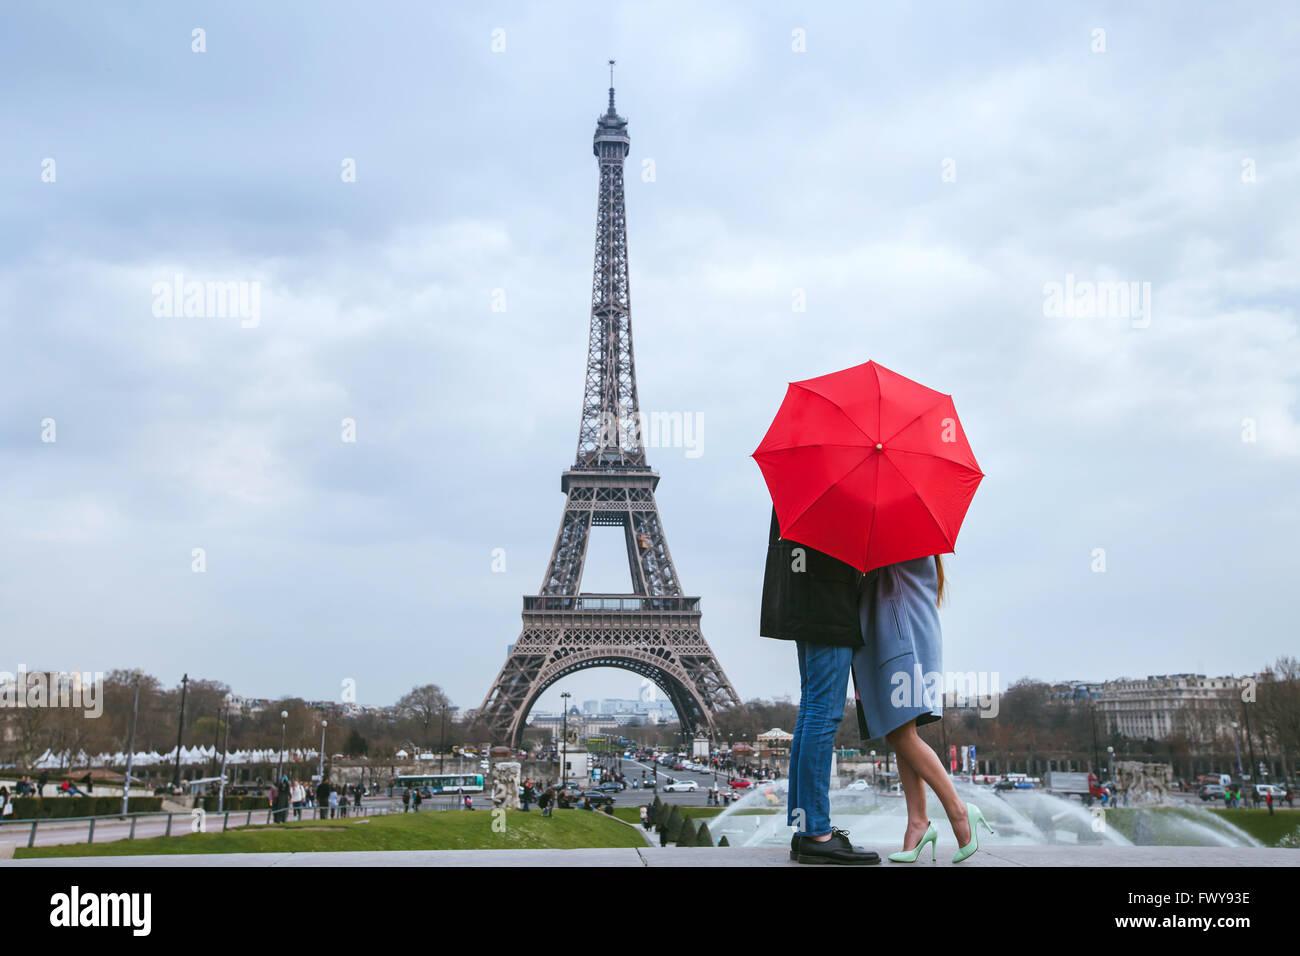 Lune de Miel à Paris, le couple derrière parapluie rouge contre la tour Eiffel Photo Stock